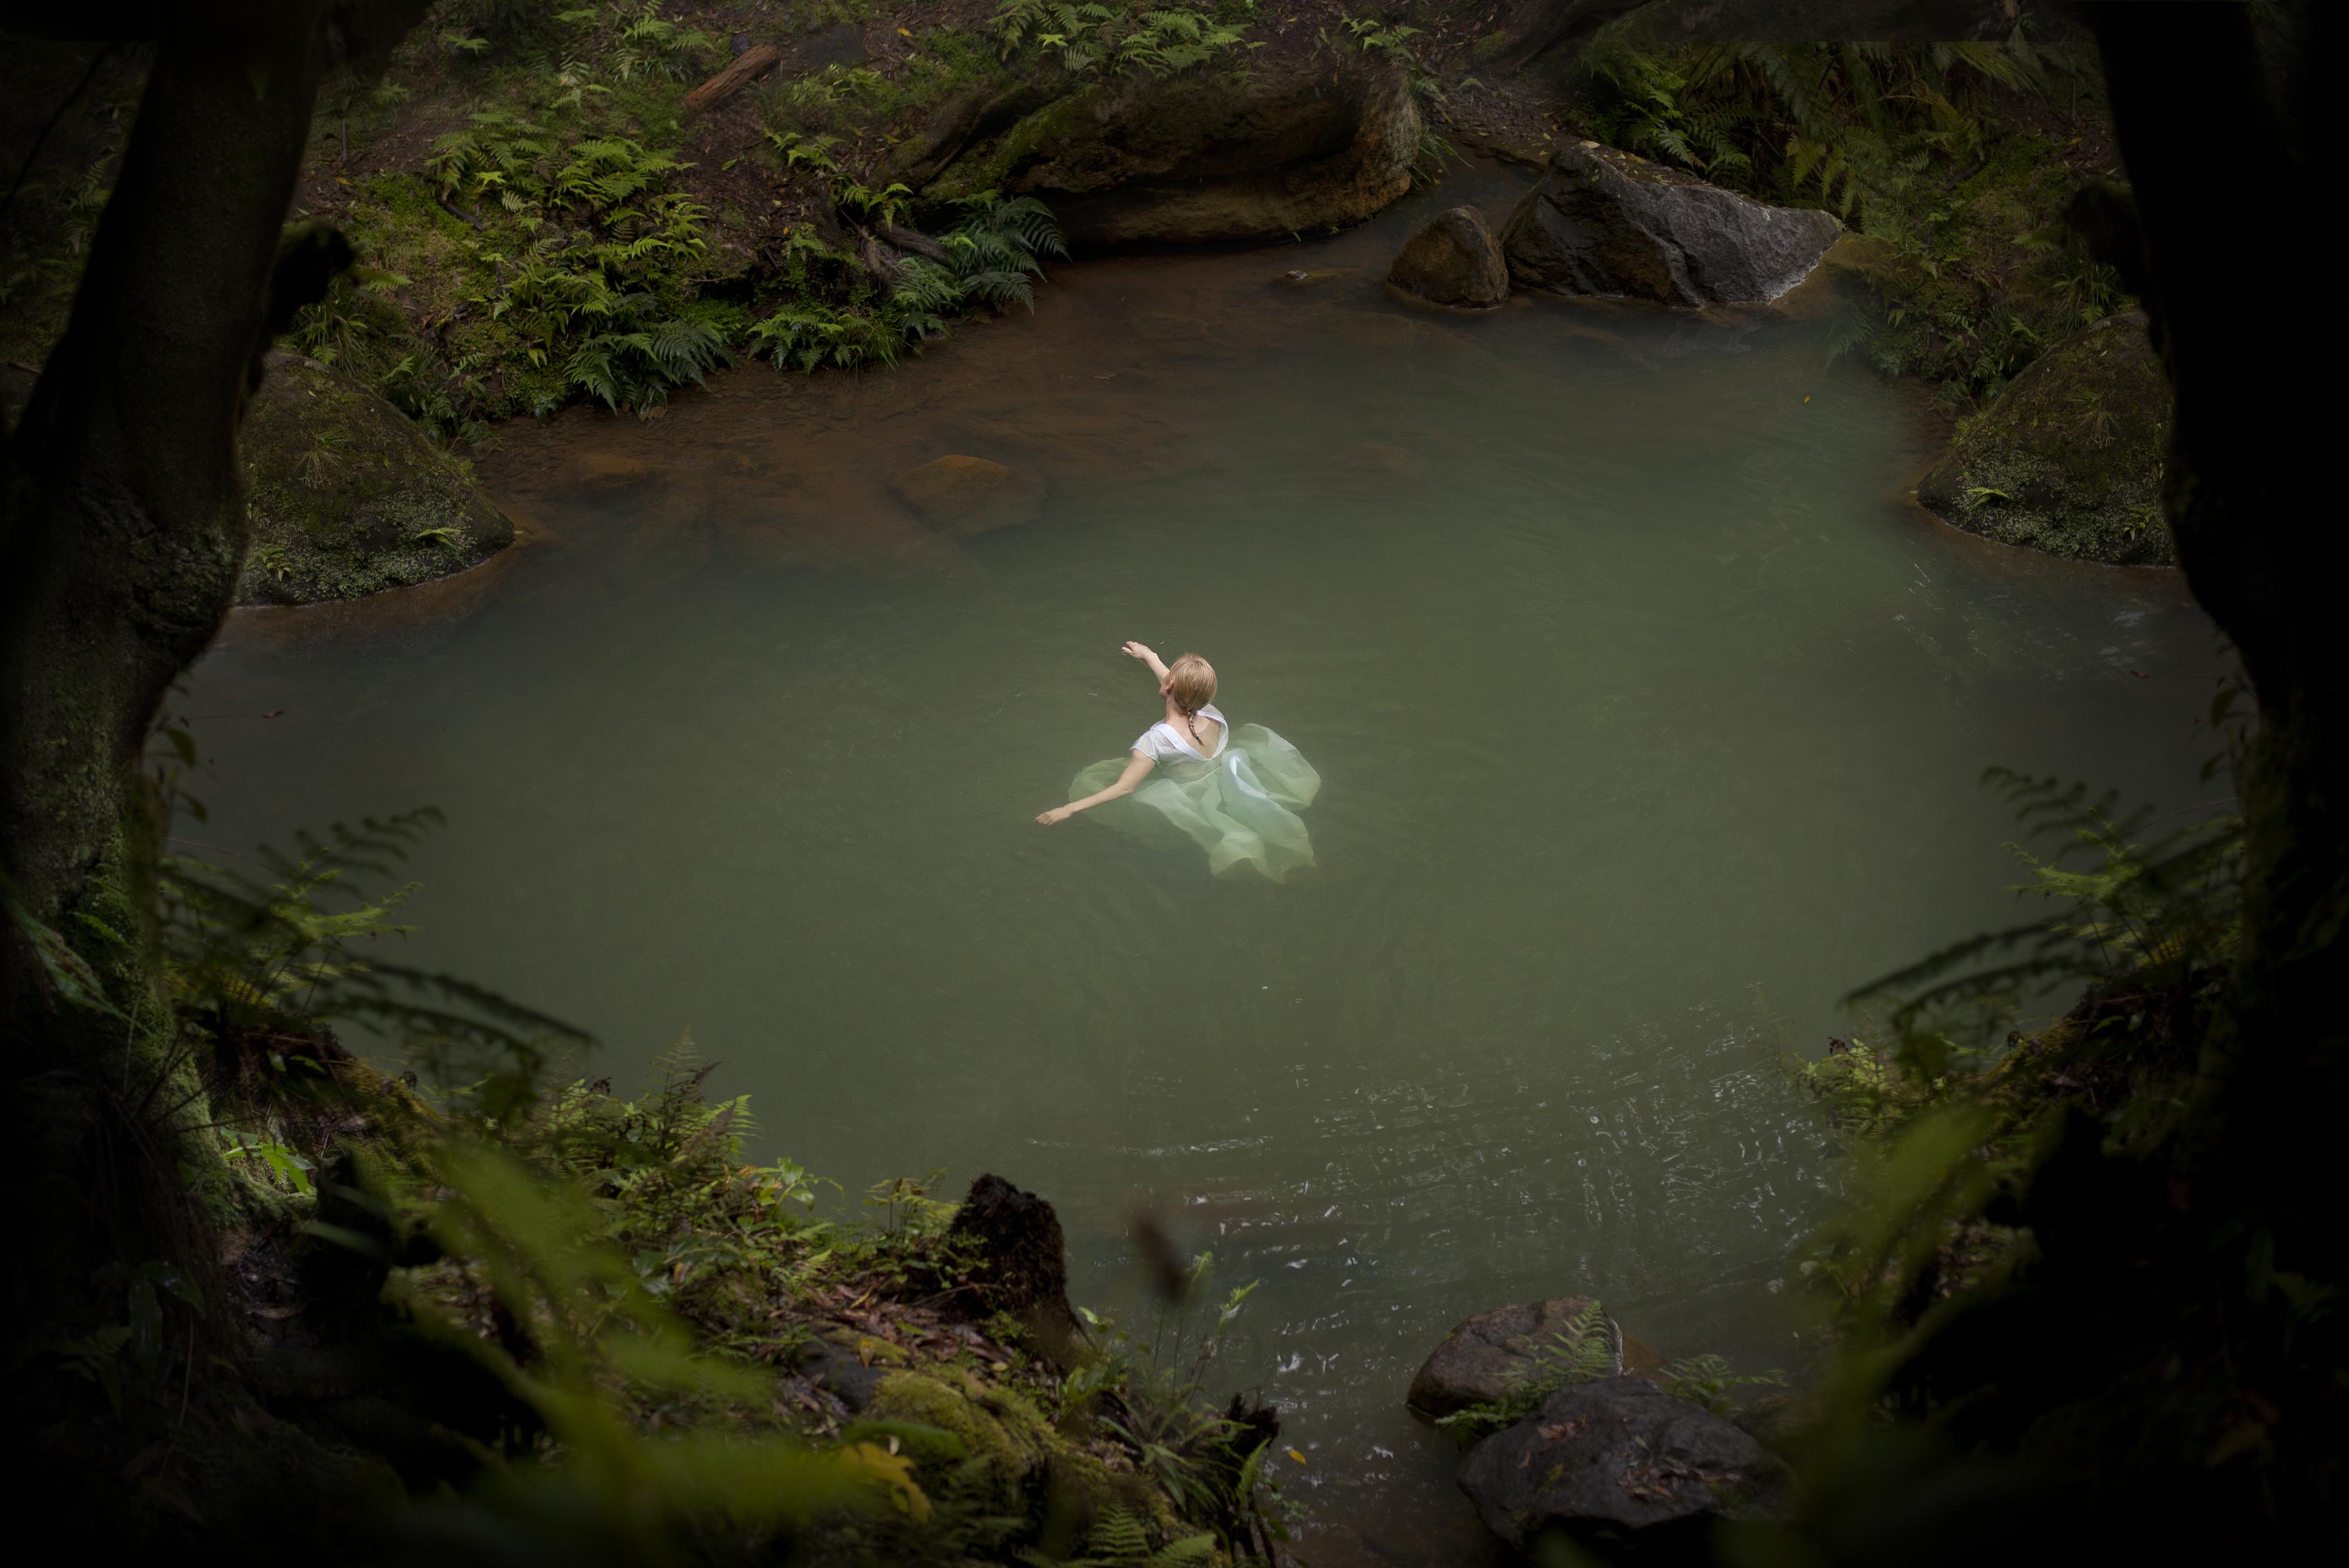 Ann Eringstam - In search of wonderland 10